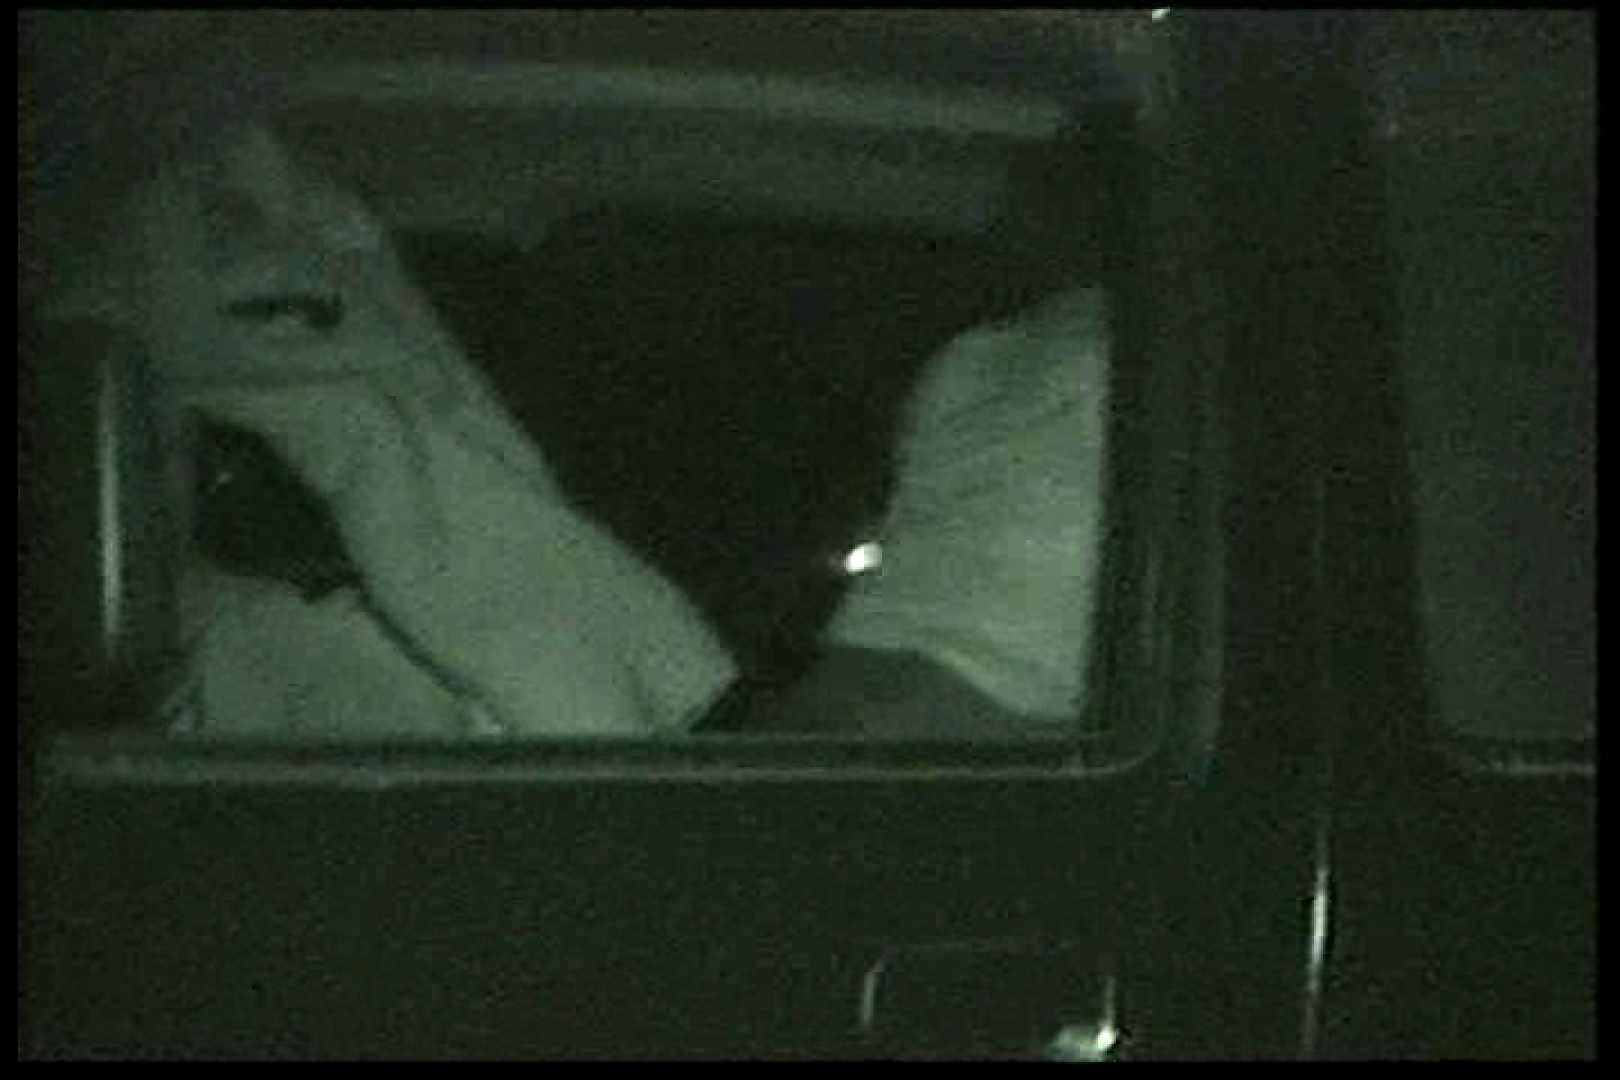 車の中はラブホテル 無修正版  Vol.15 ホテルでエッチ   カップル  89pic 1